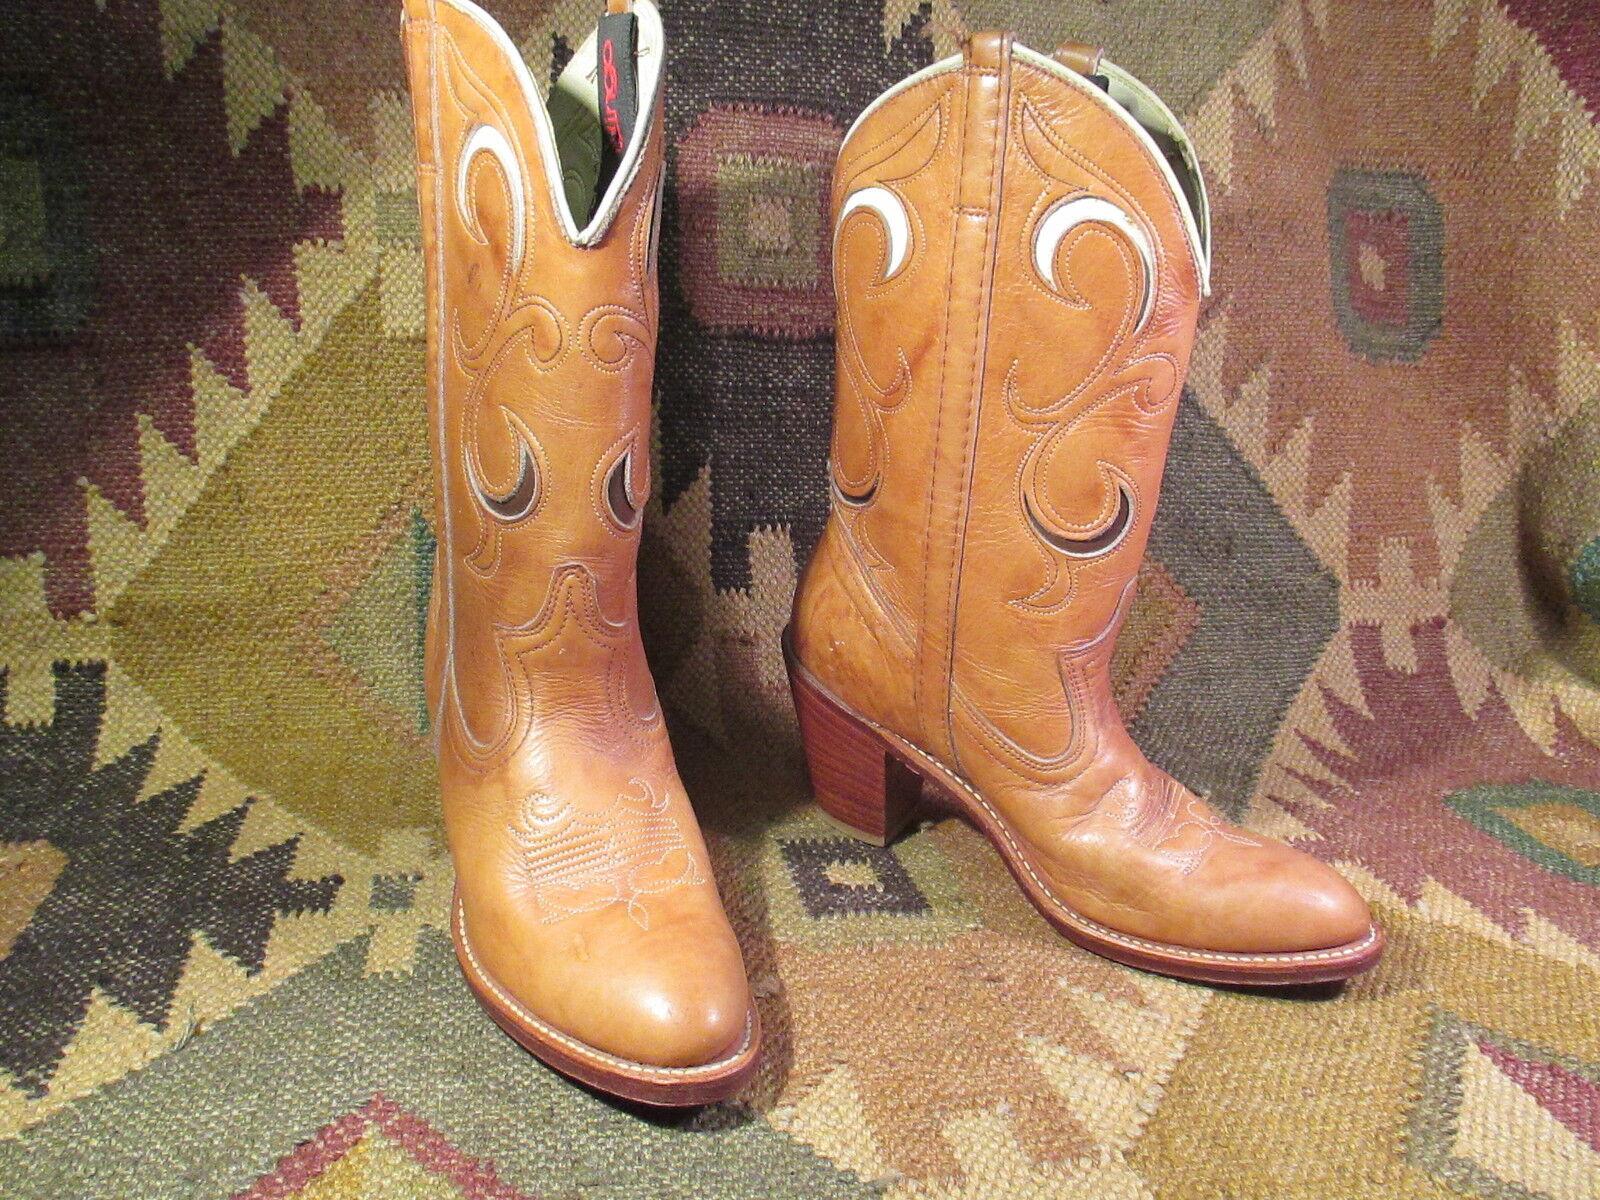 Acme Dingo Marrón Cuero Incrustación Vaquera botas De Vaquero n Hecho en EE. UU.